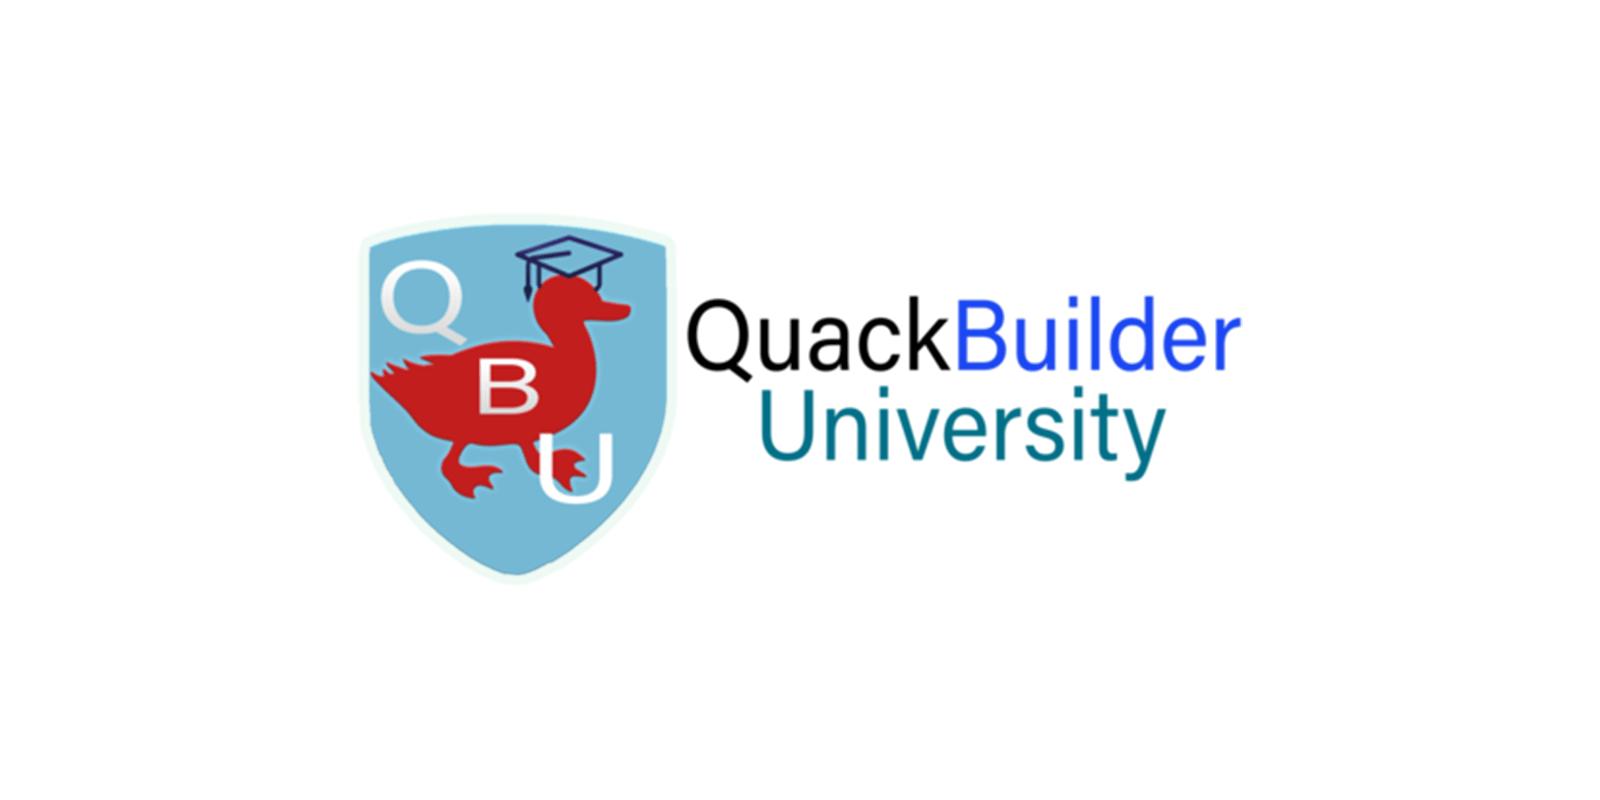 QuackBuilder University Review